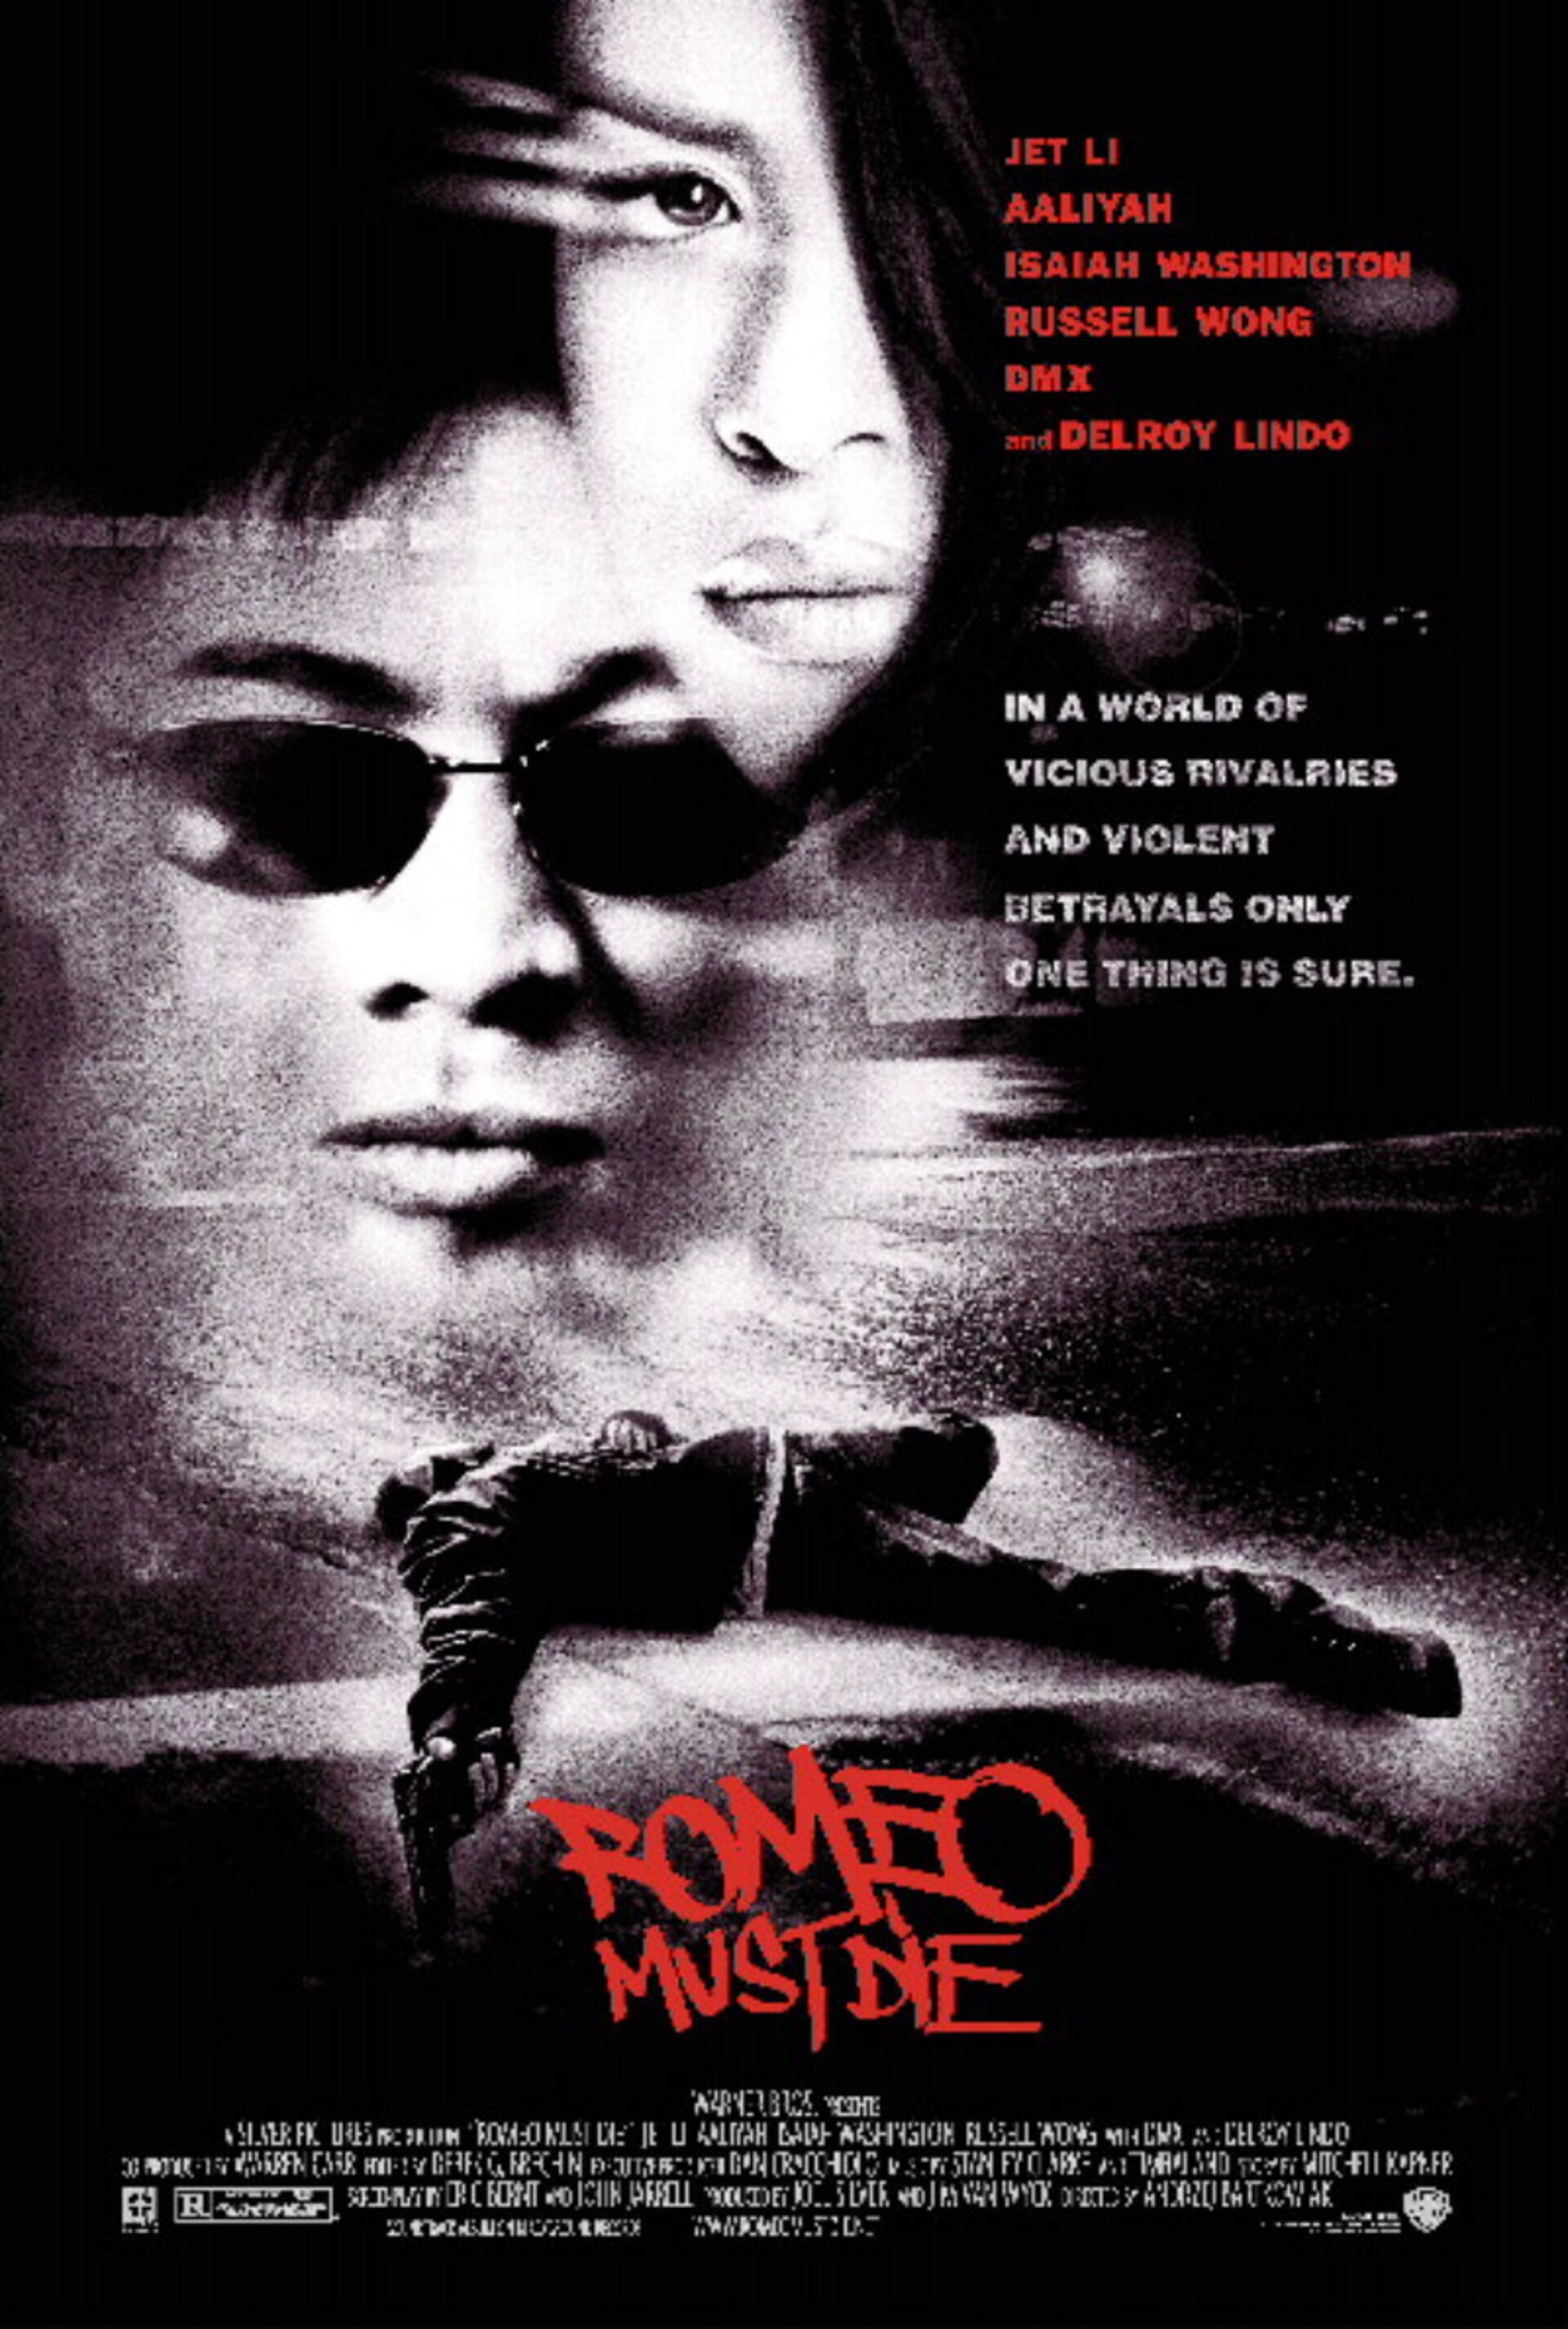 Romeo Must Die - Poster 1